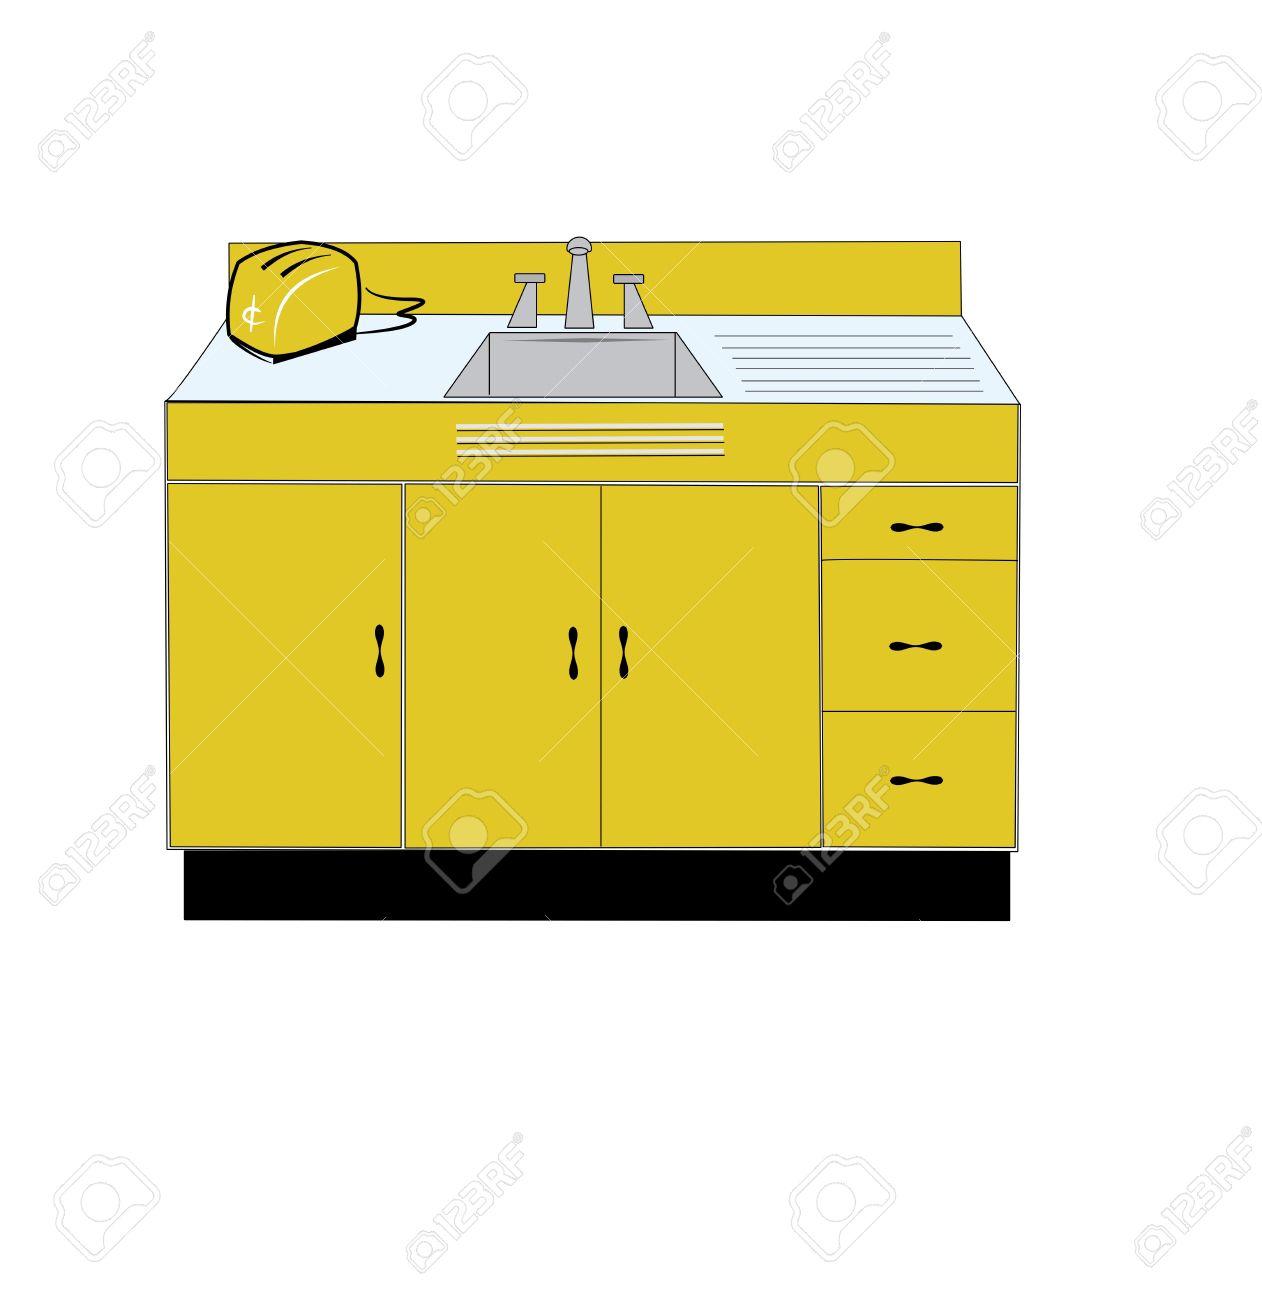 vector retro kitchen sink and toaster - Retro Kitchen Sink